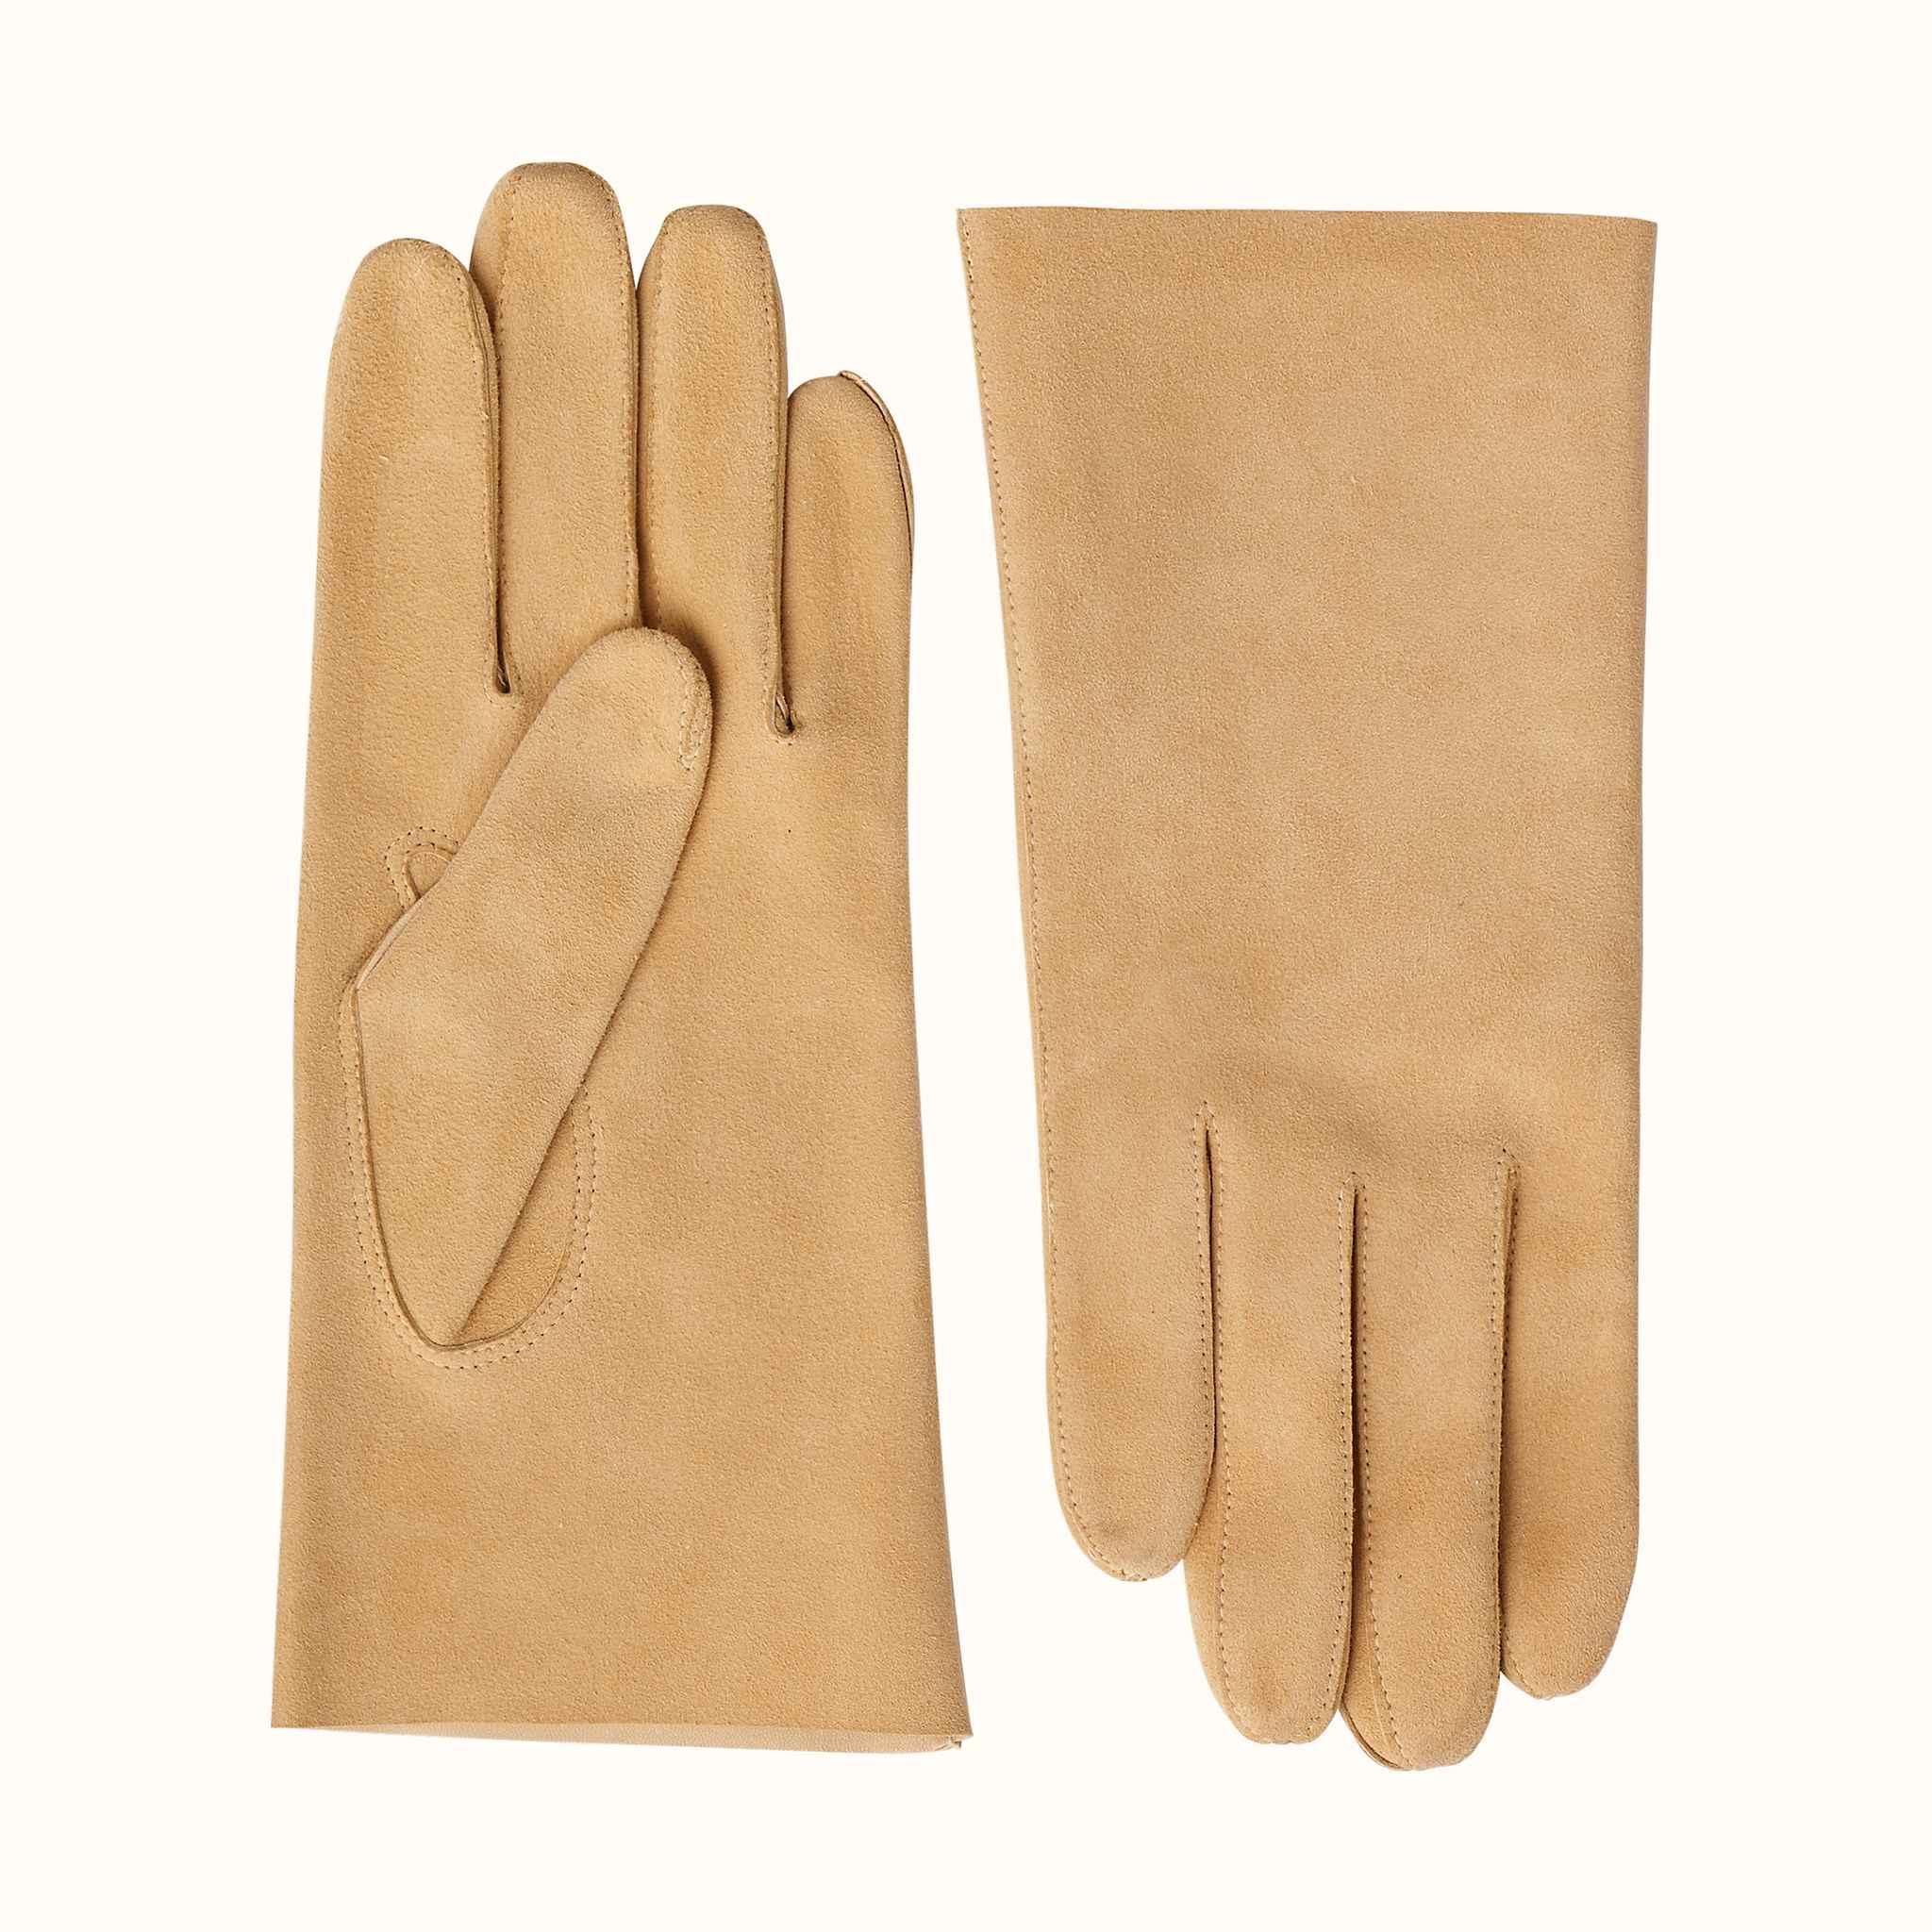 Hermes saumur-men-gloves--800159E 01-front-1-300-0-2048-2048-q40_b.jpg